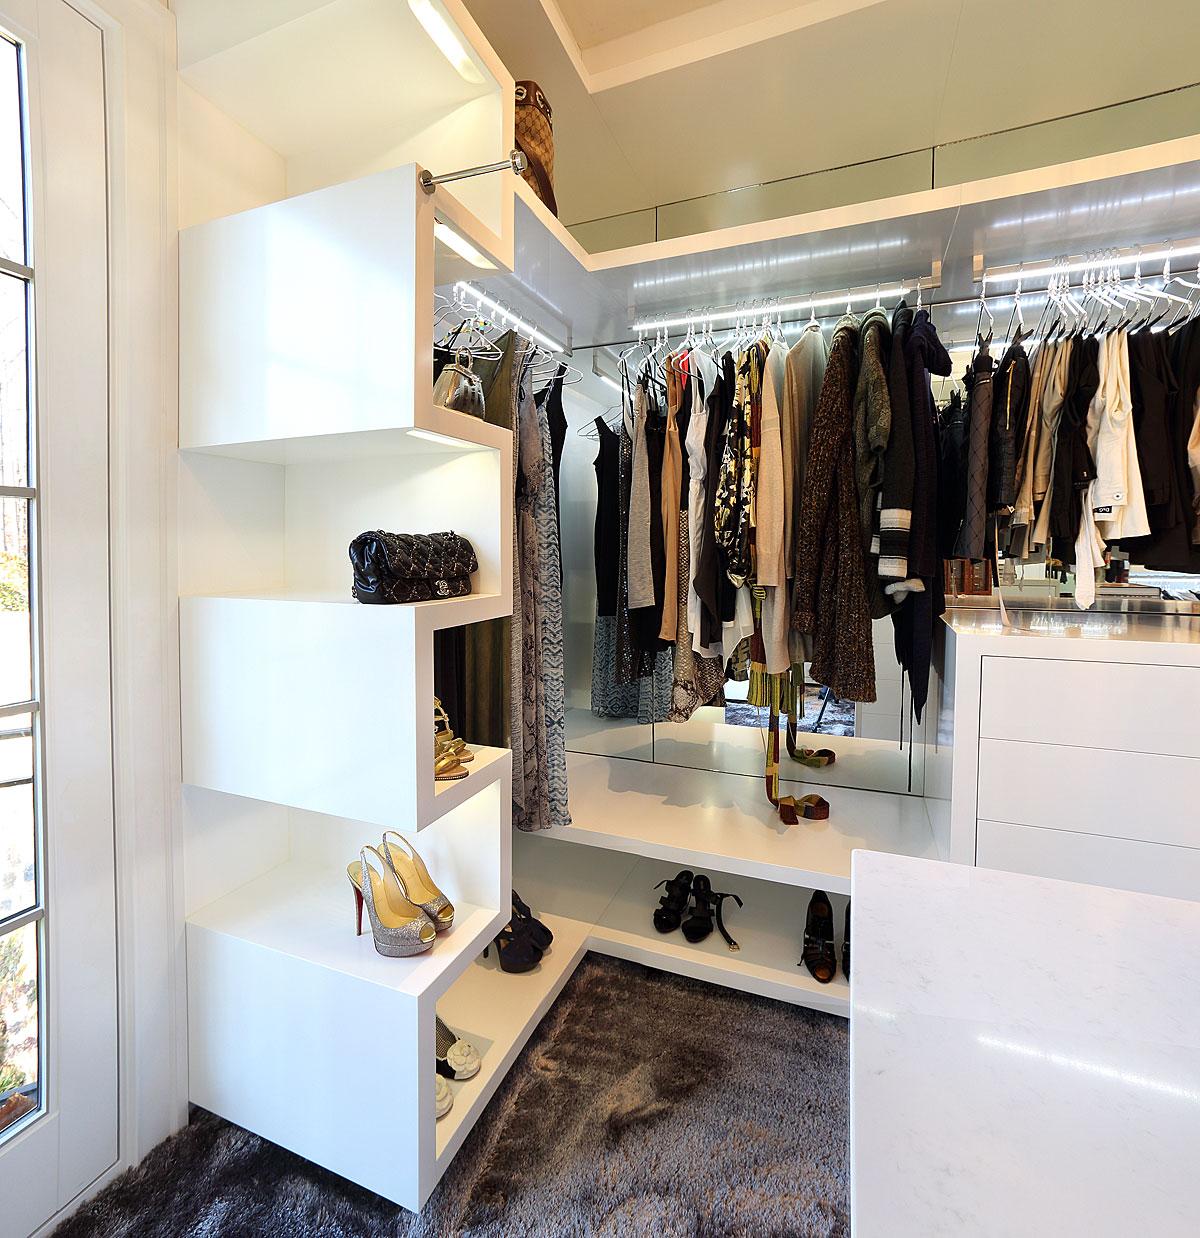 100 лучших идей дизайна гардеробной комнаты на фото.